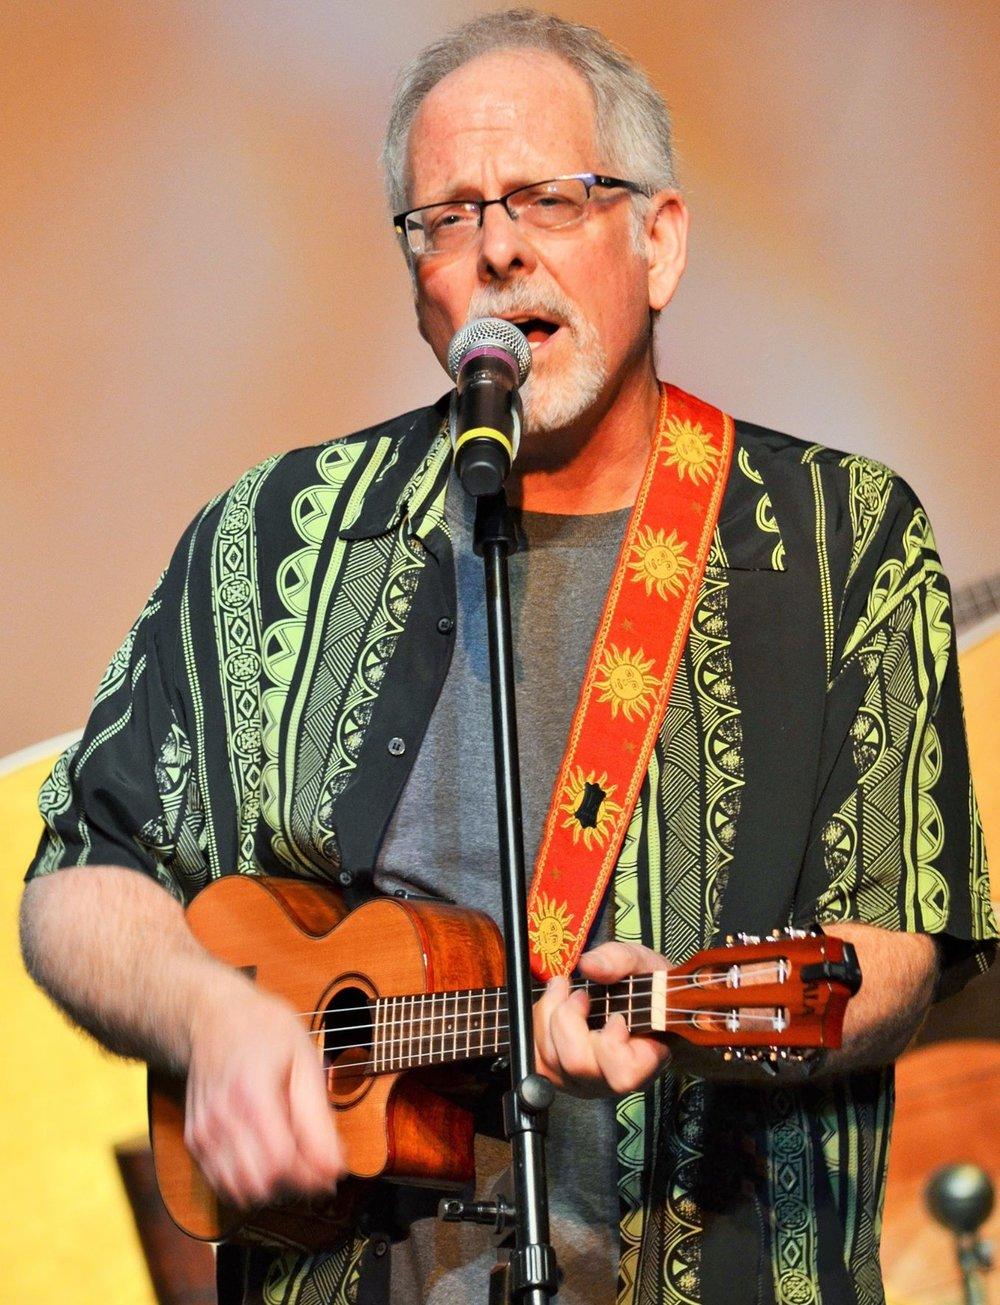 Ben Hassenger ukulele.jpg